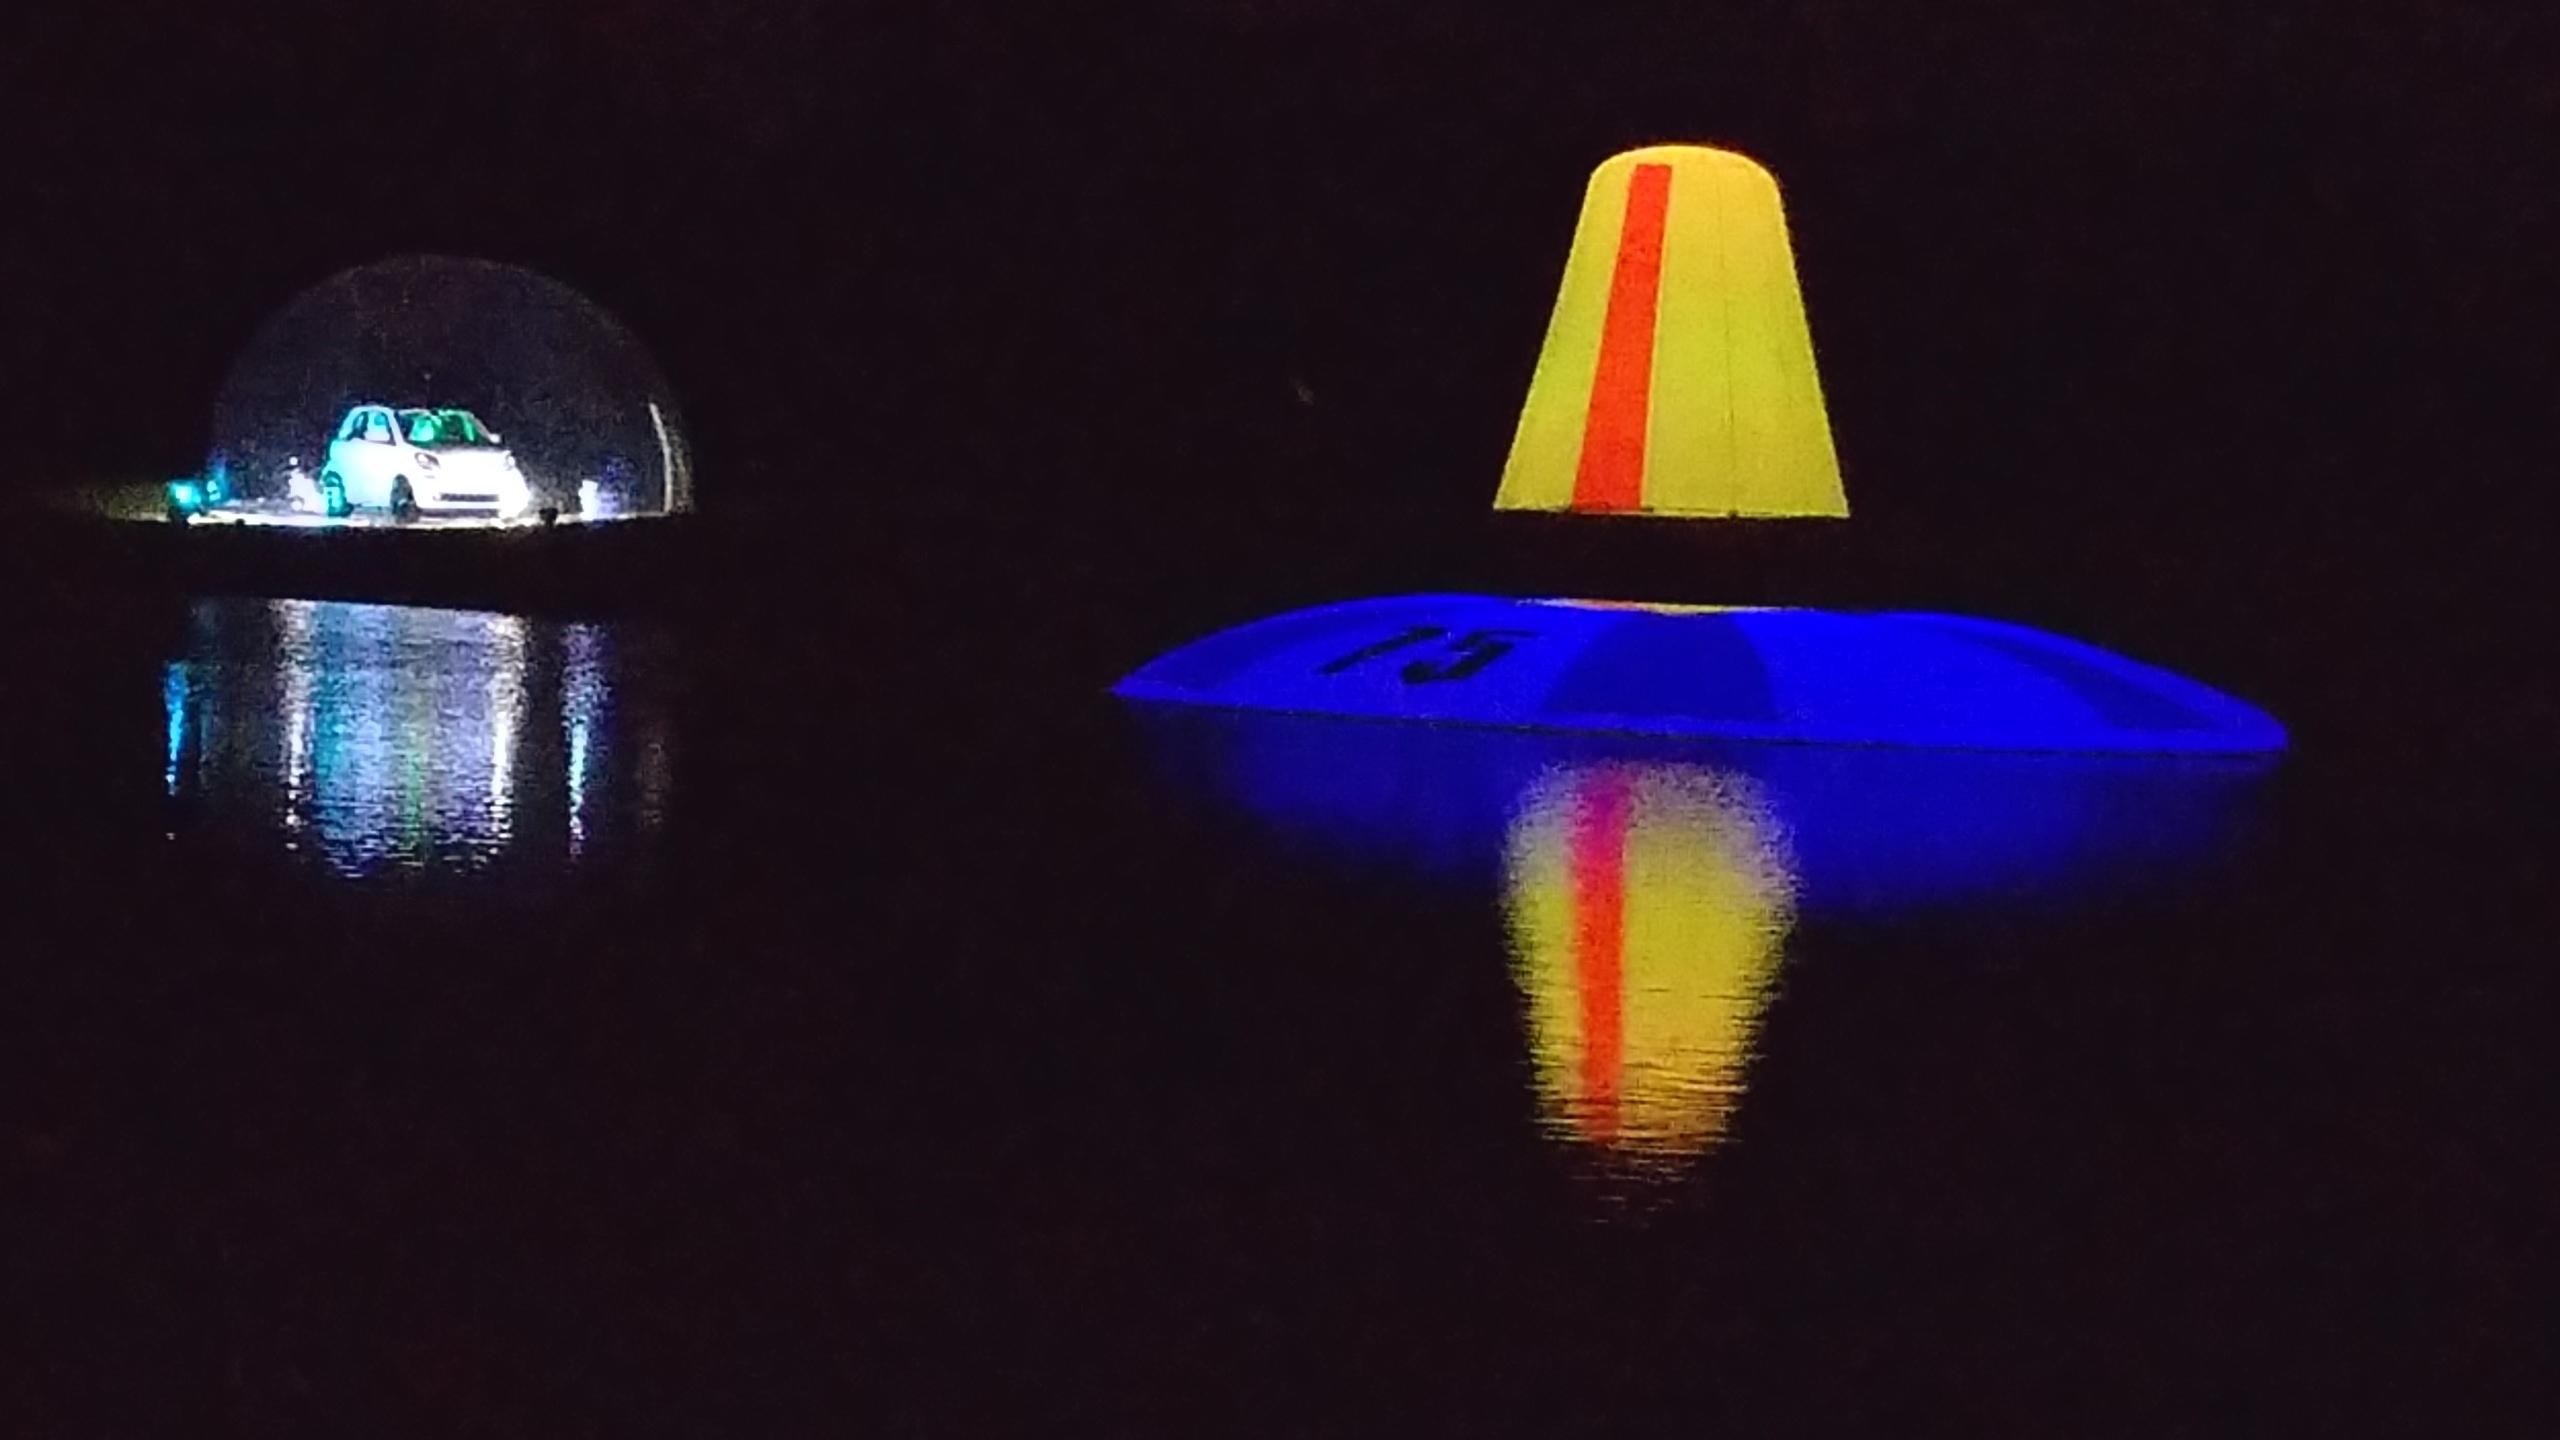 glow driving range targets